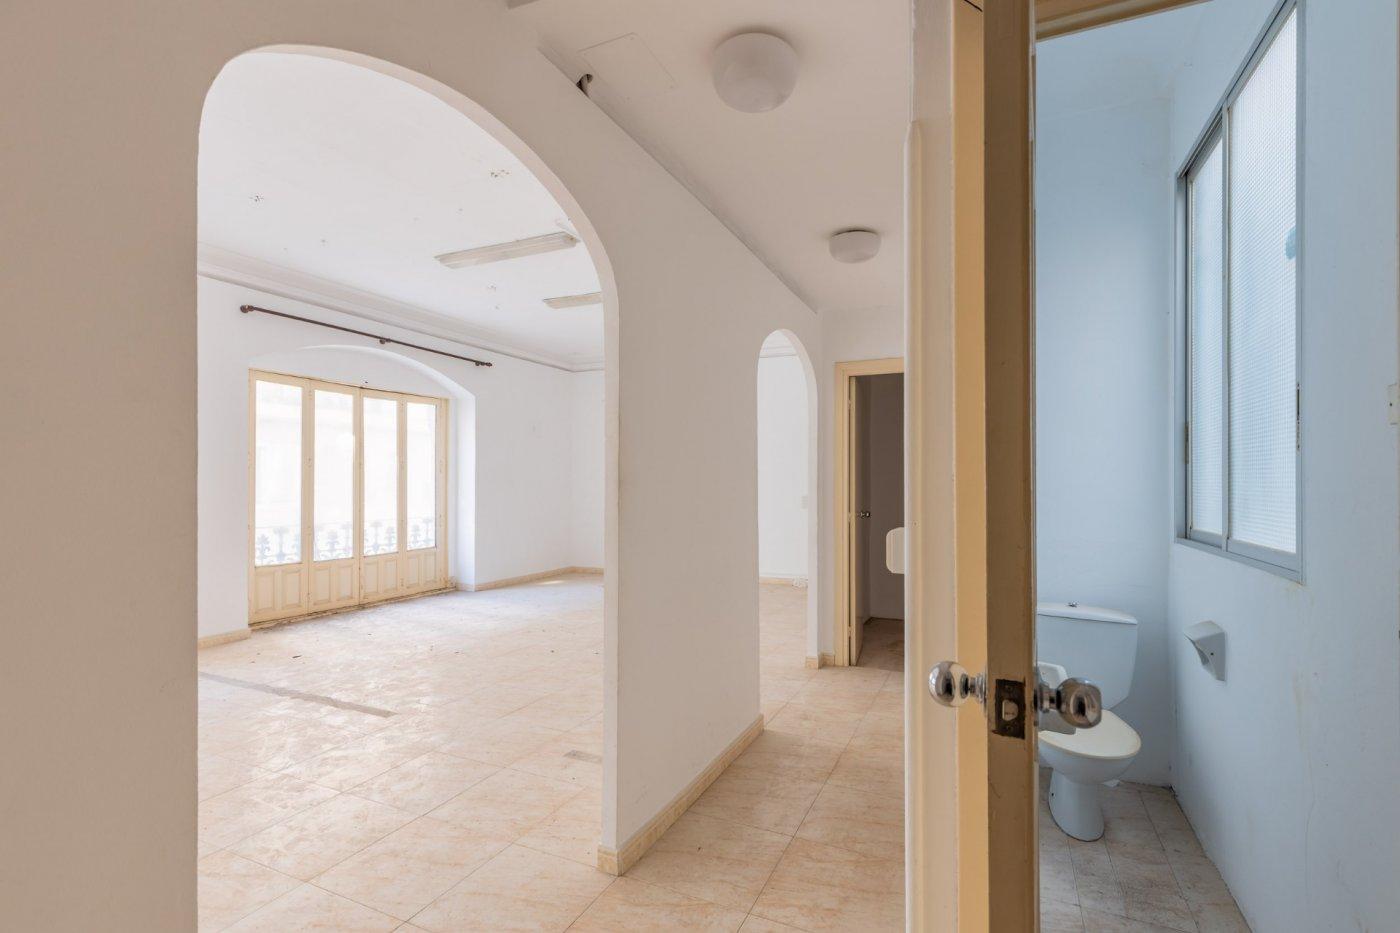 Imponente piso en venta - imagenInmueble10